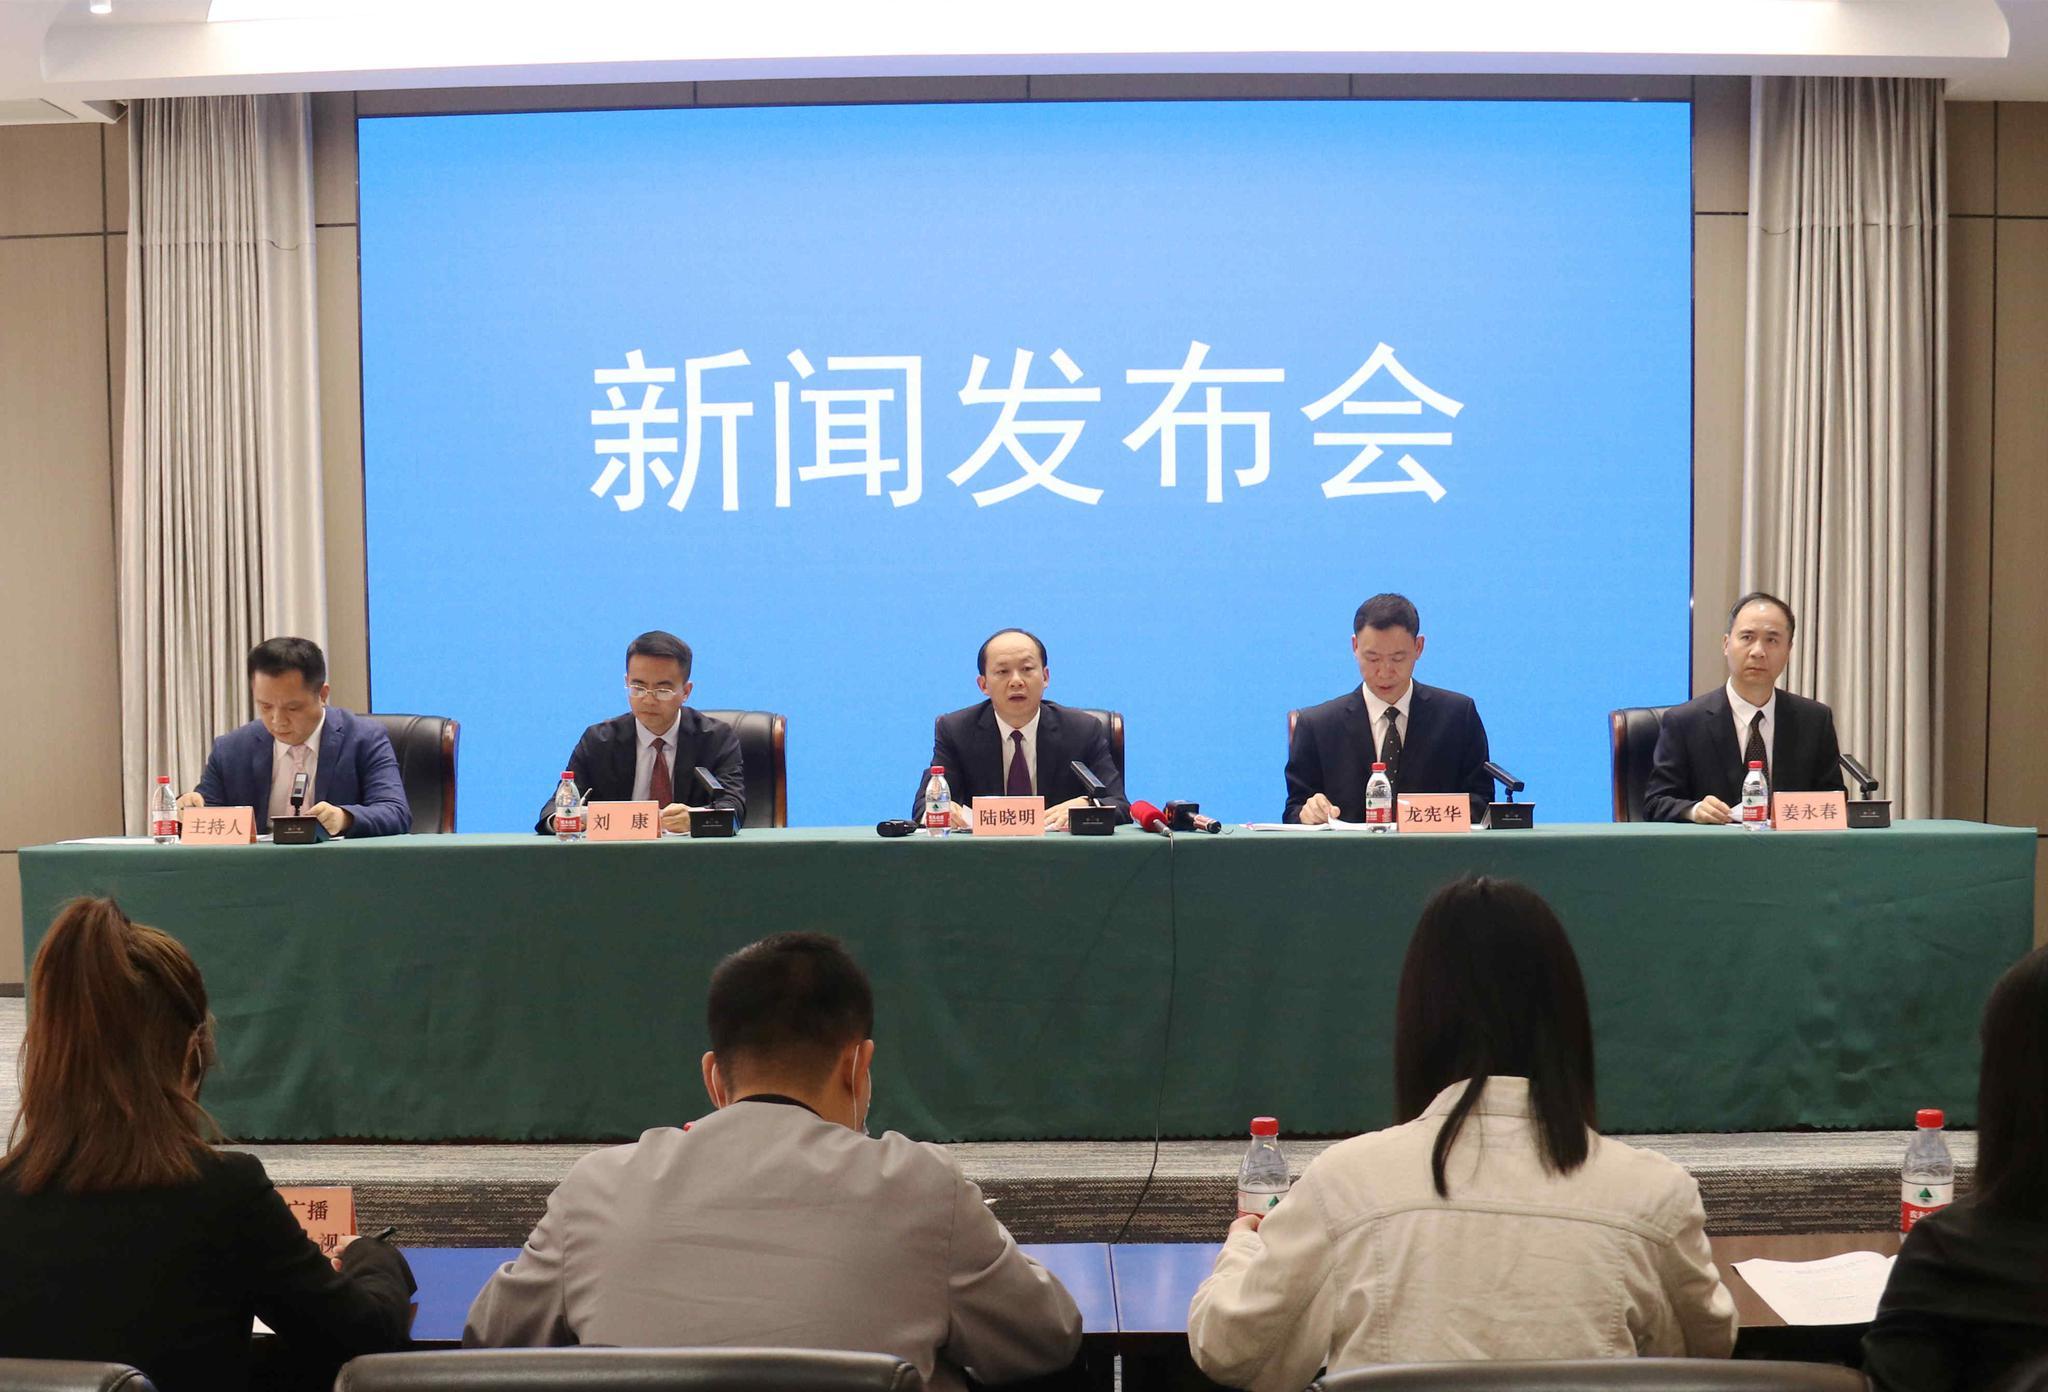 公交车能下乡进村了,《广西壮族自治区农村公路条例》5月起施行